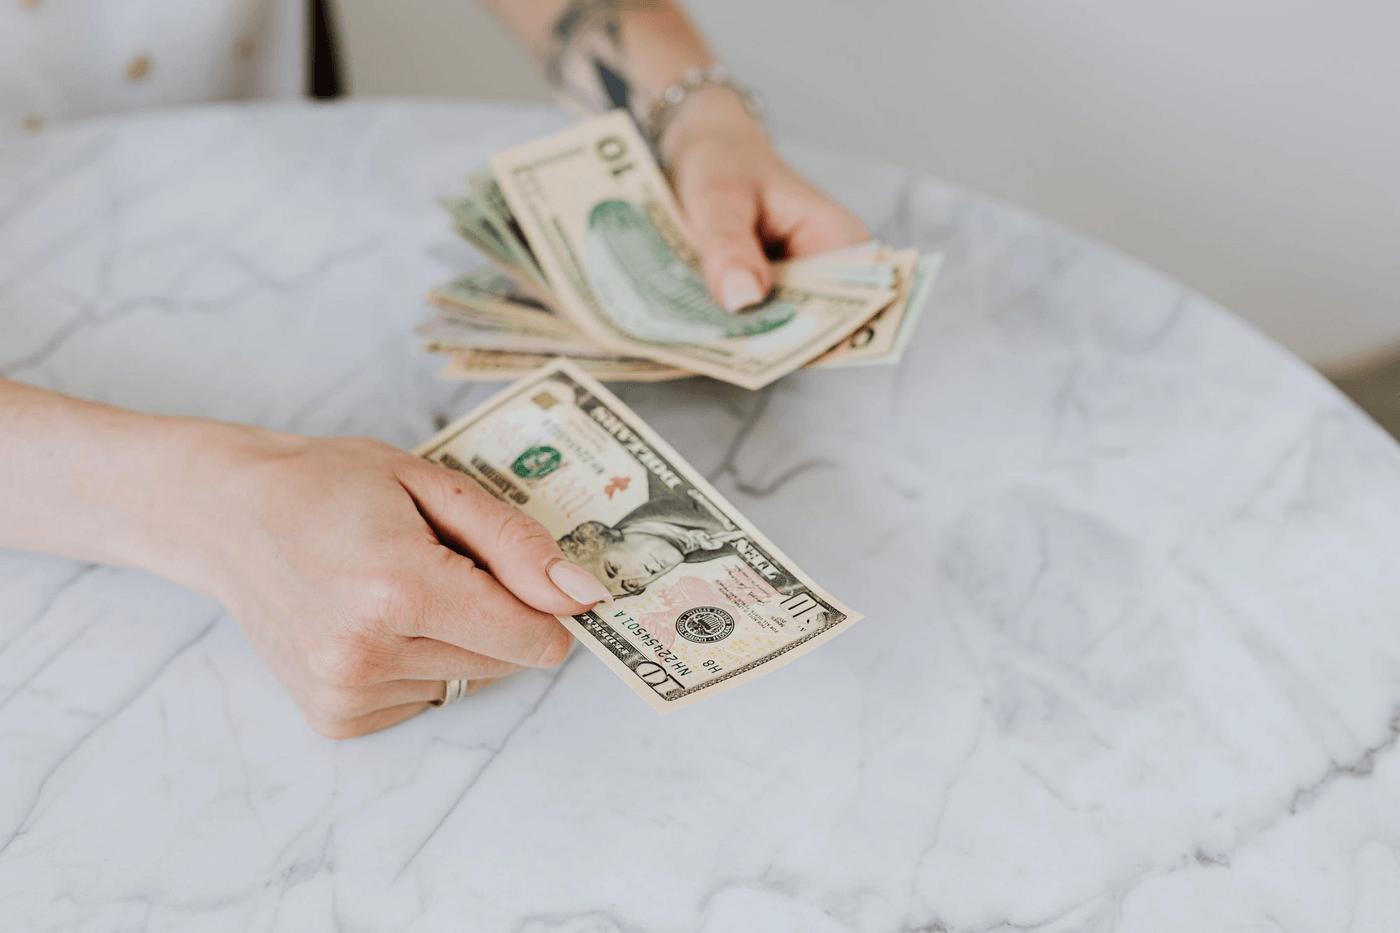 Une personne avec des dollars dans les mains